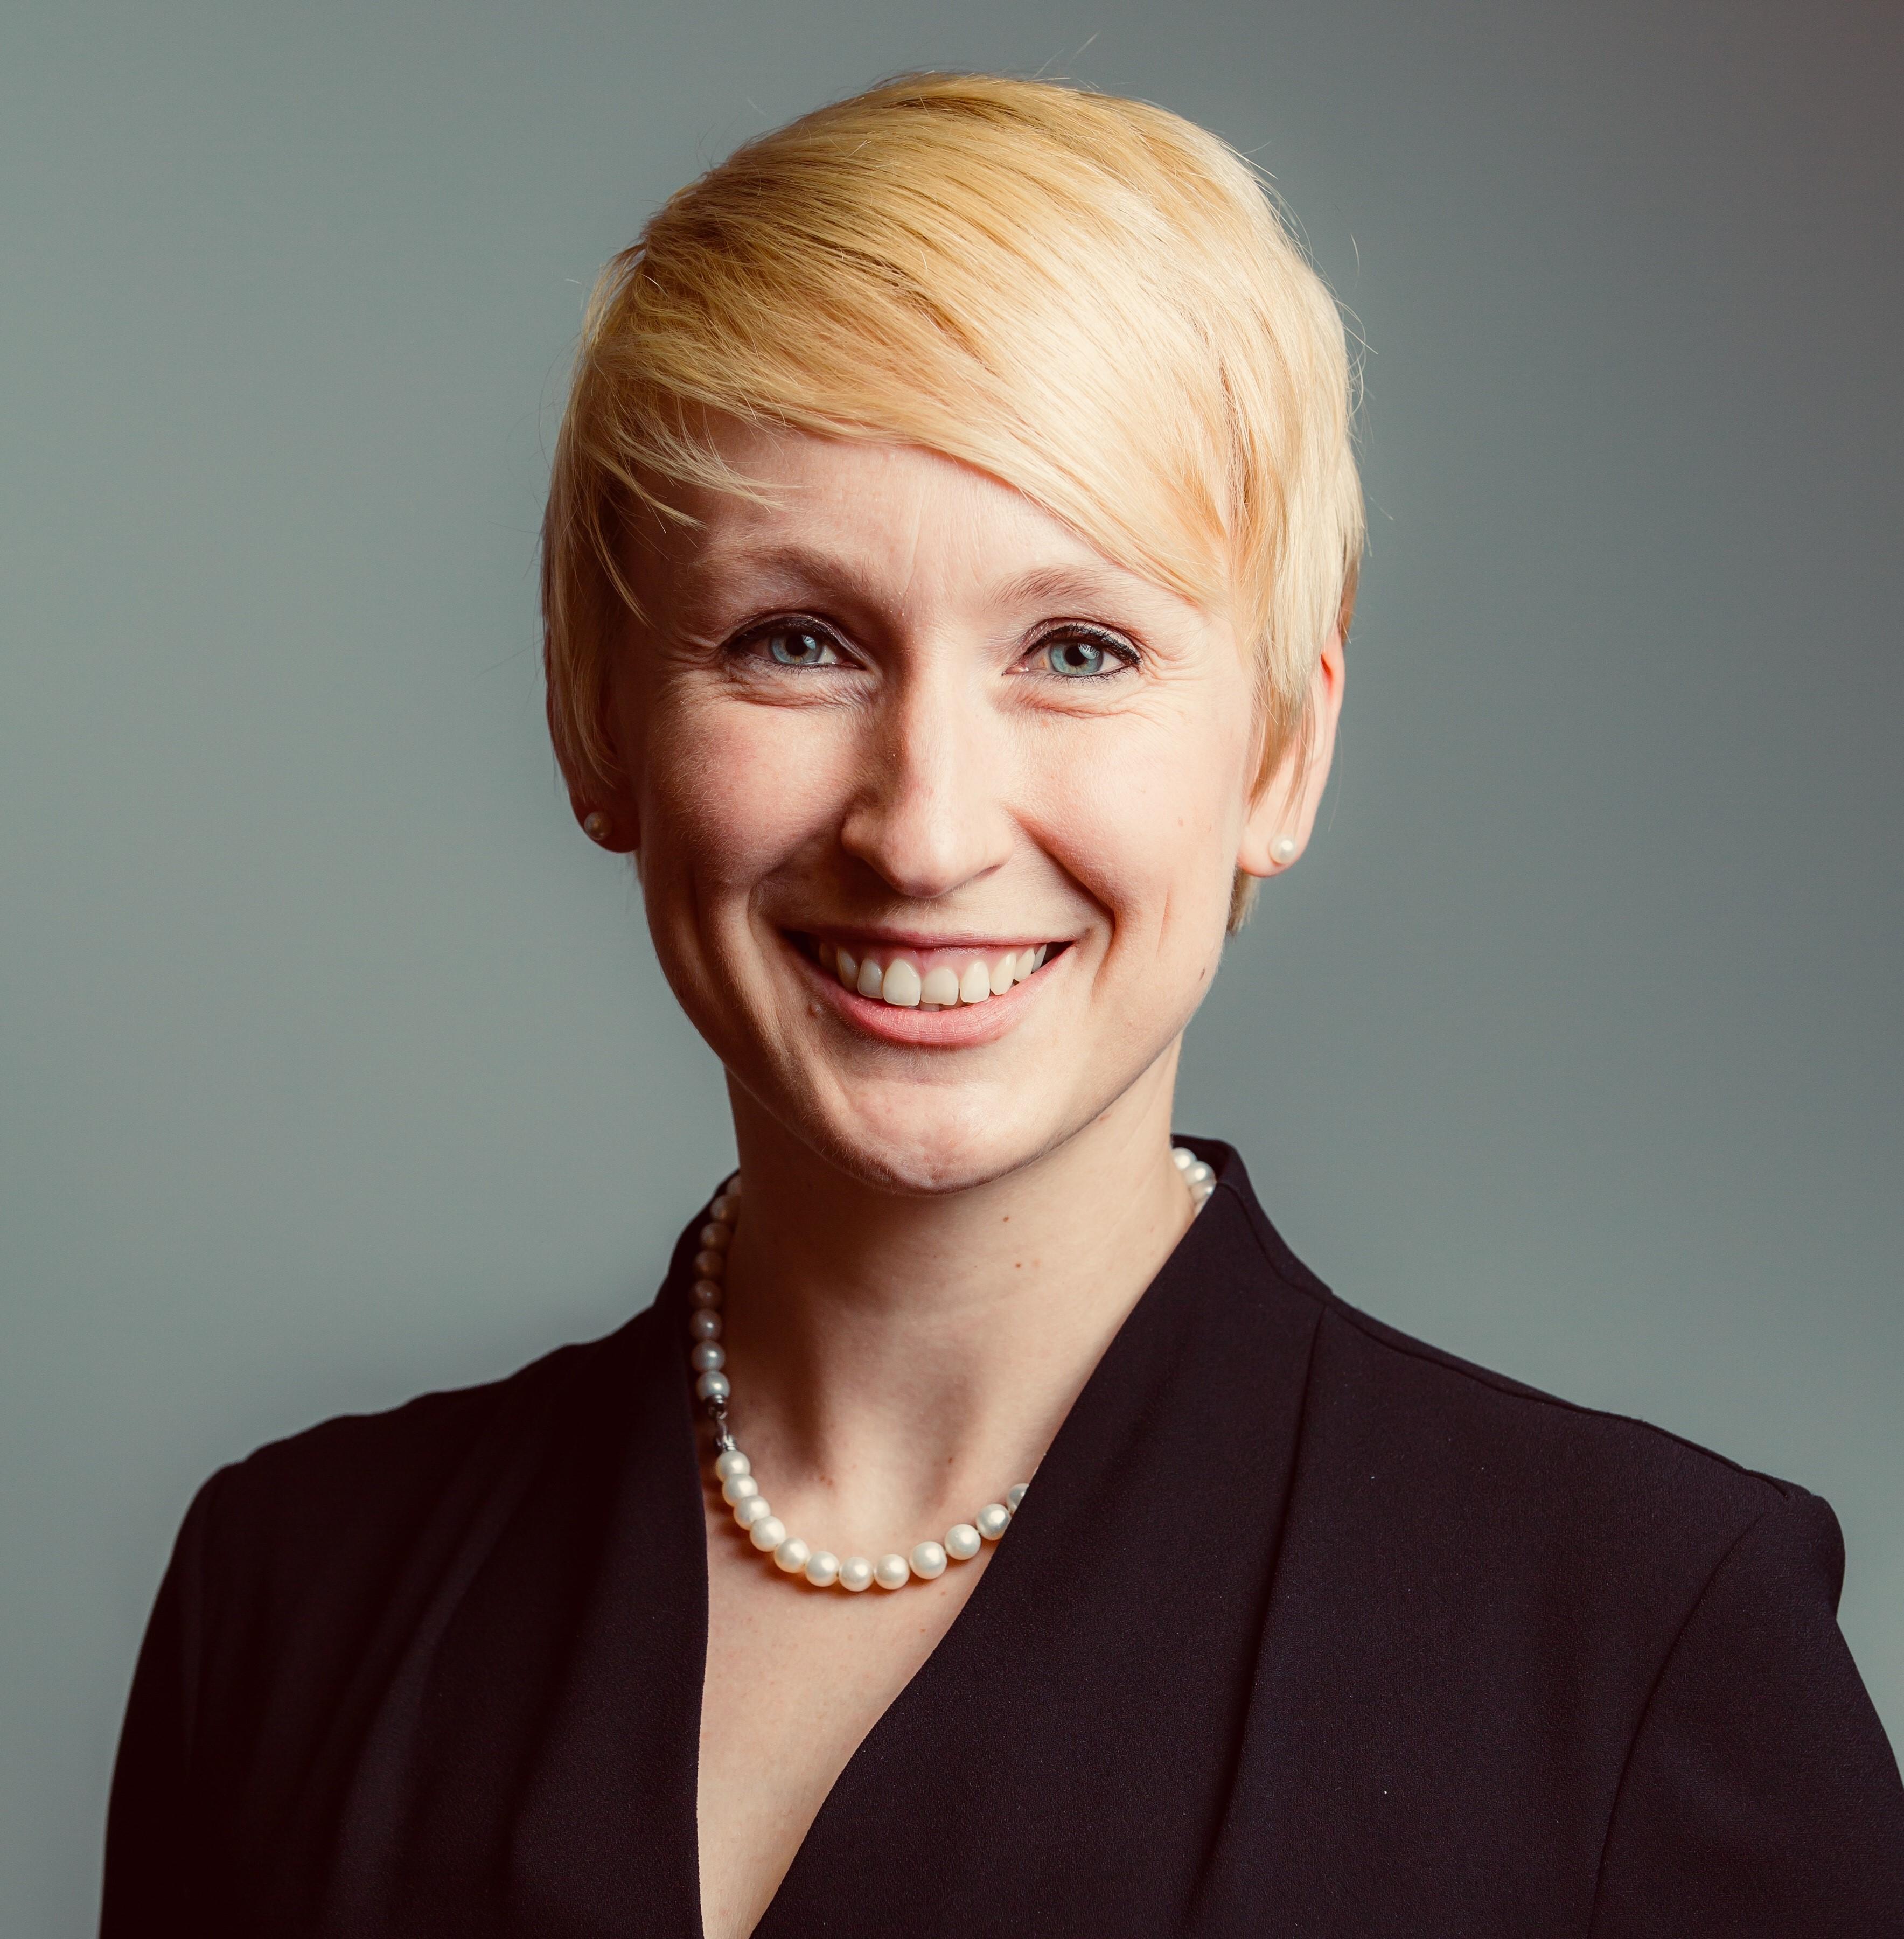 Christine Unterhitzenberger